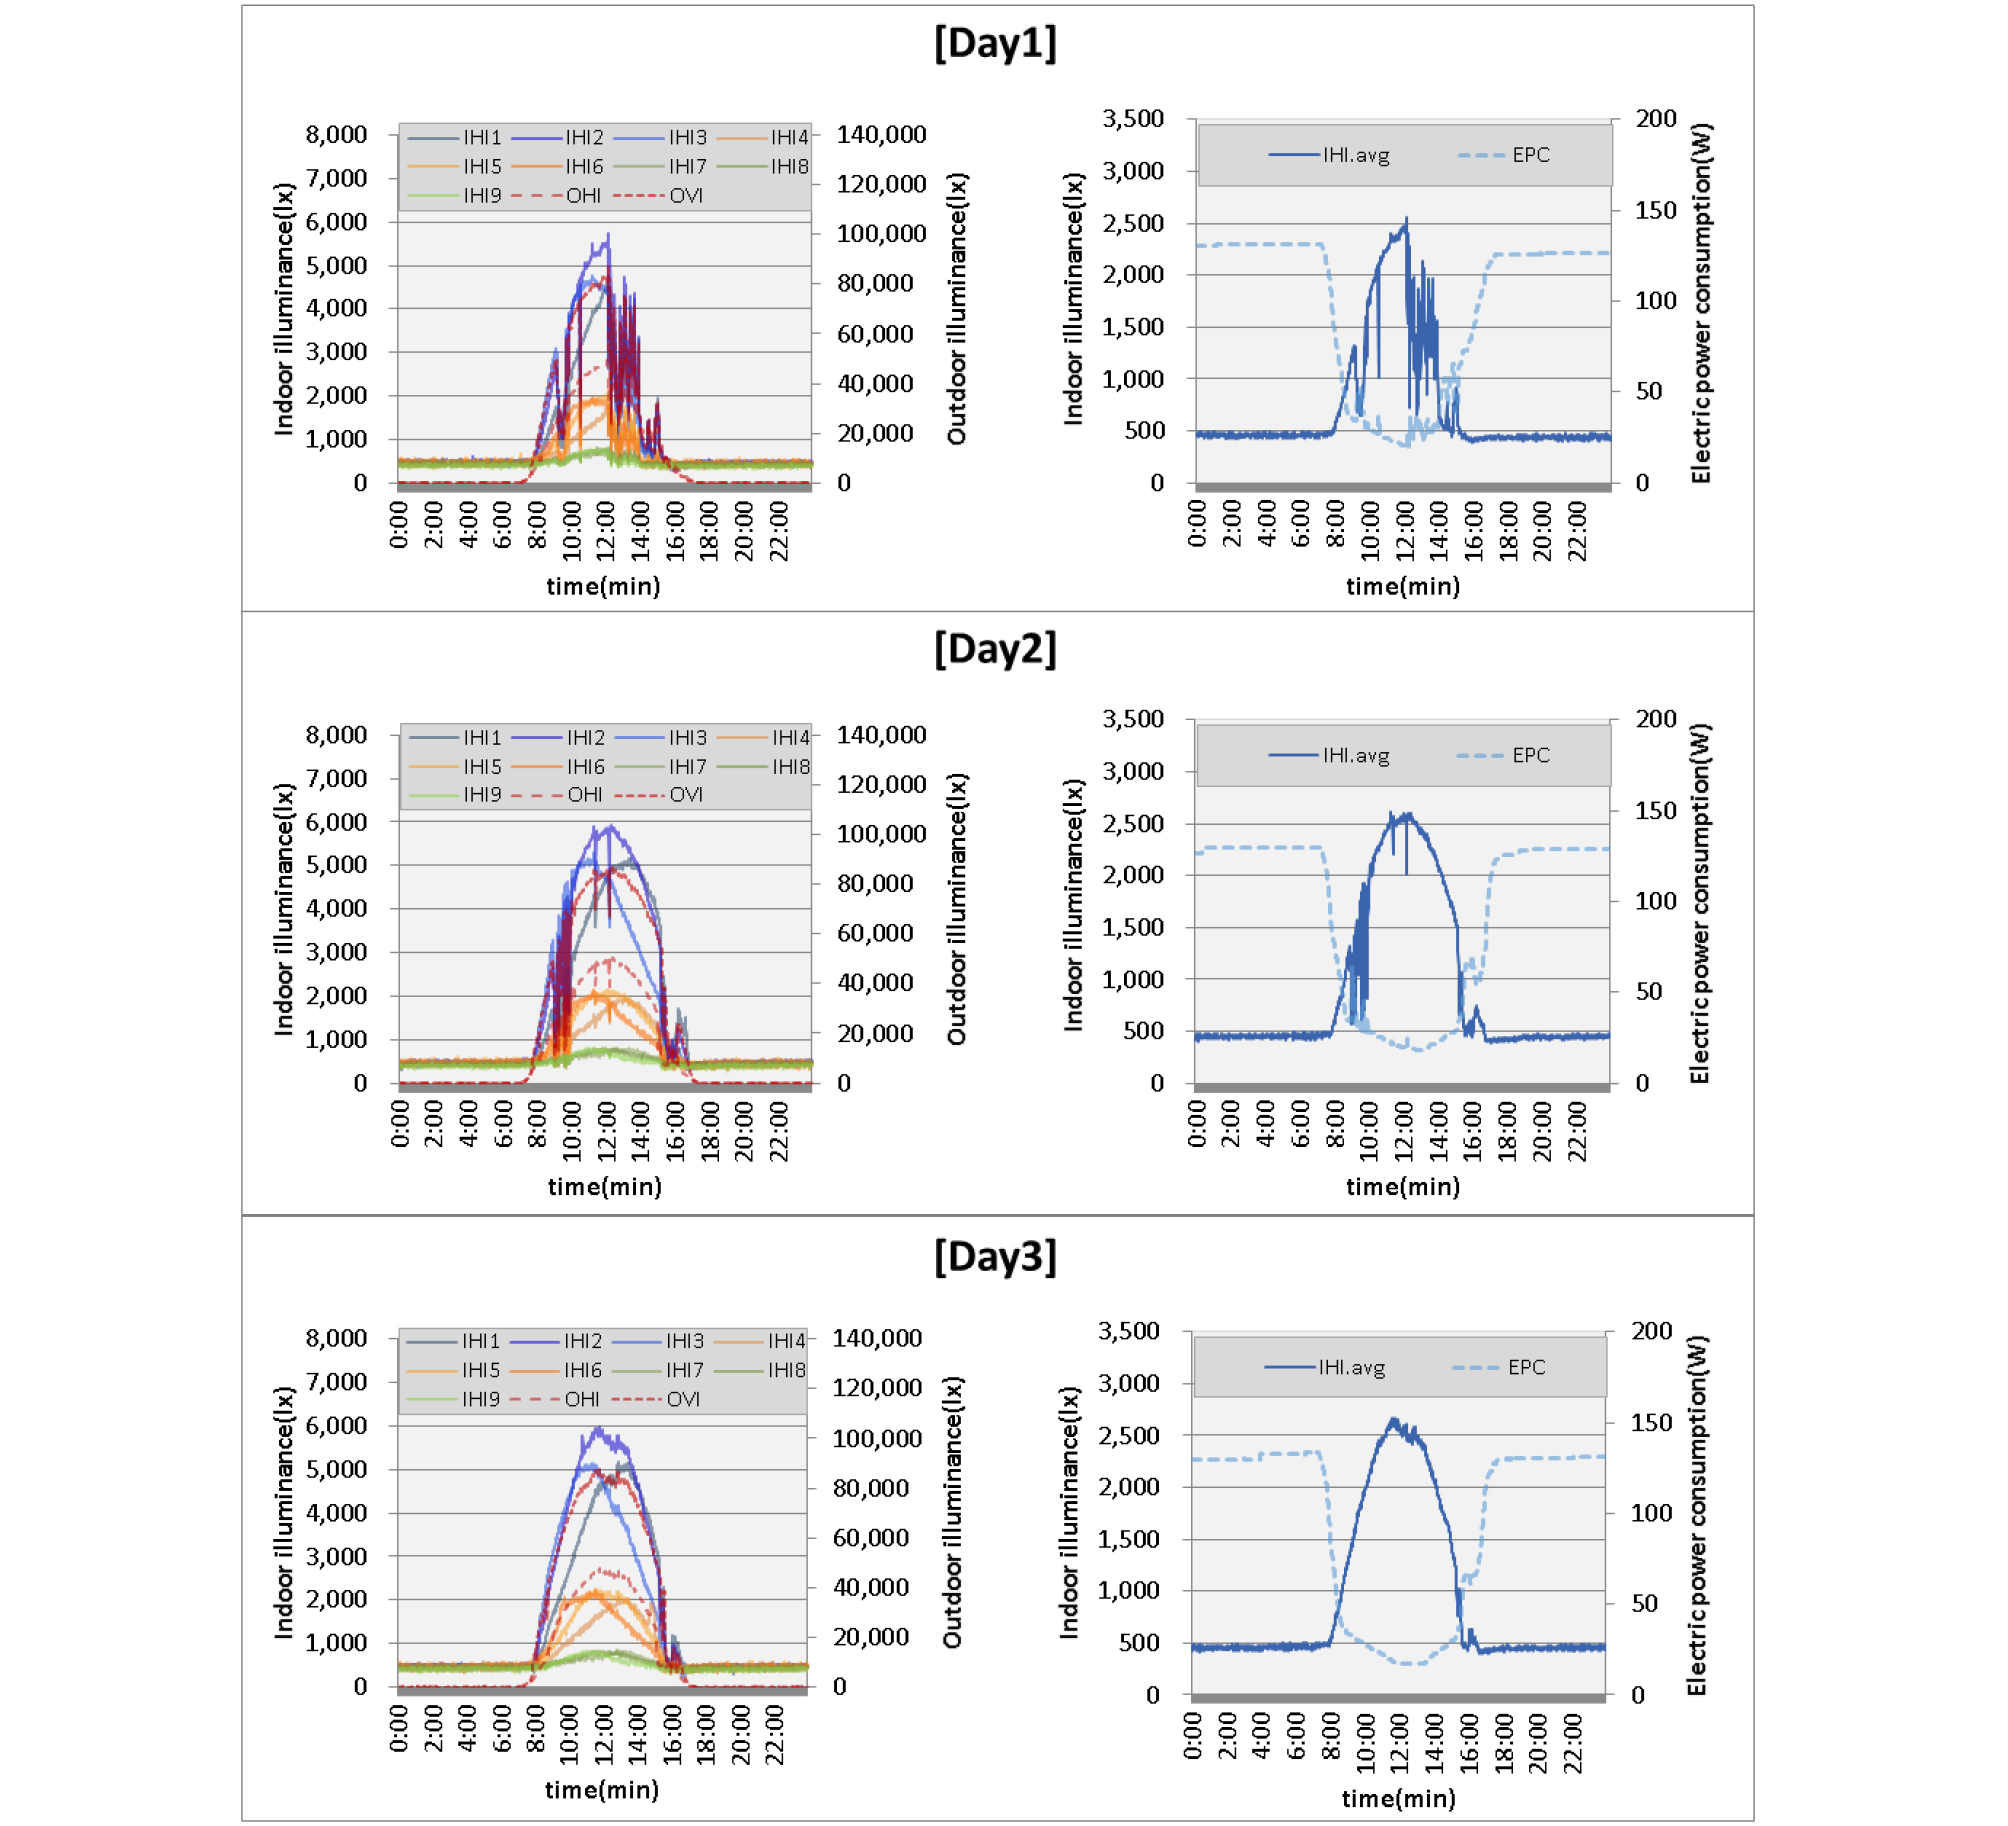 http://static.apub.kr/journalsite/sites/kiaebs/2020-014-04/N0280140404/images/Figure_KIAEBS_14_4_04_F4.jpg